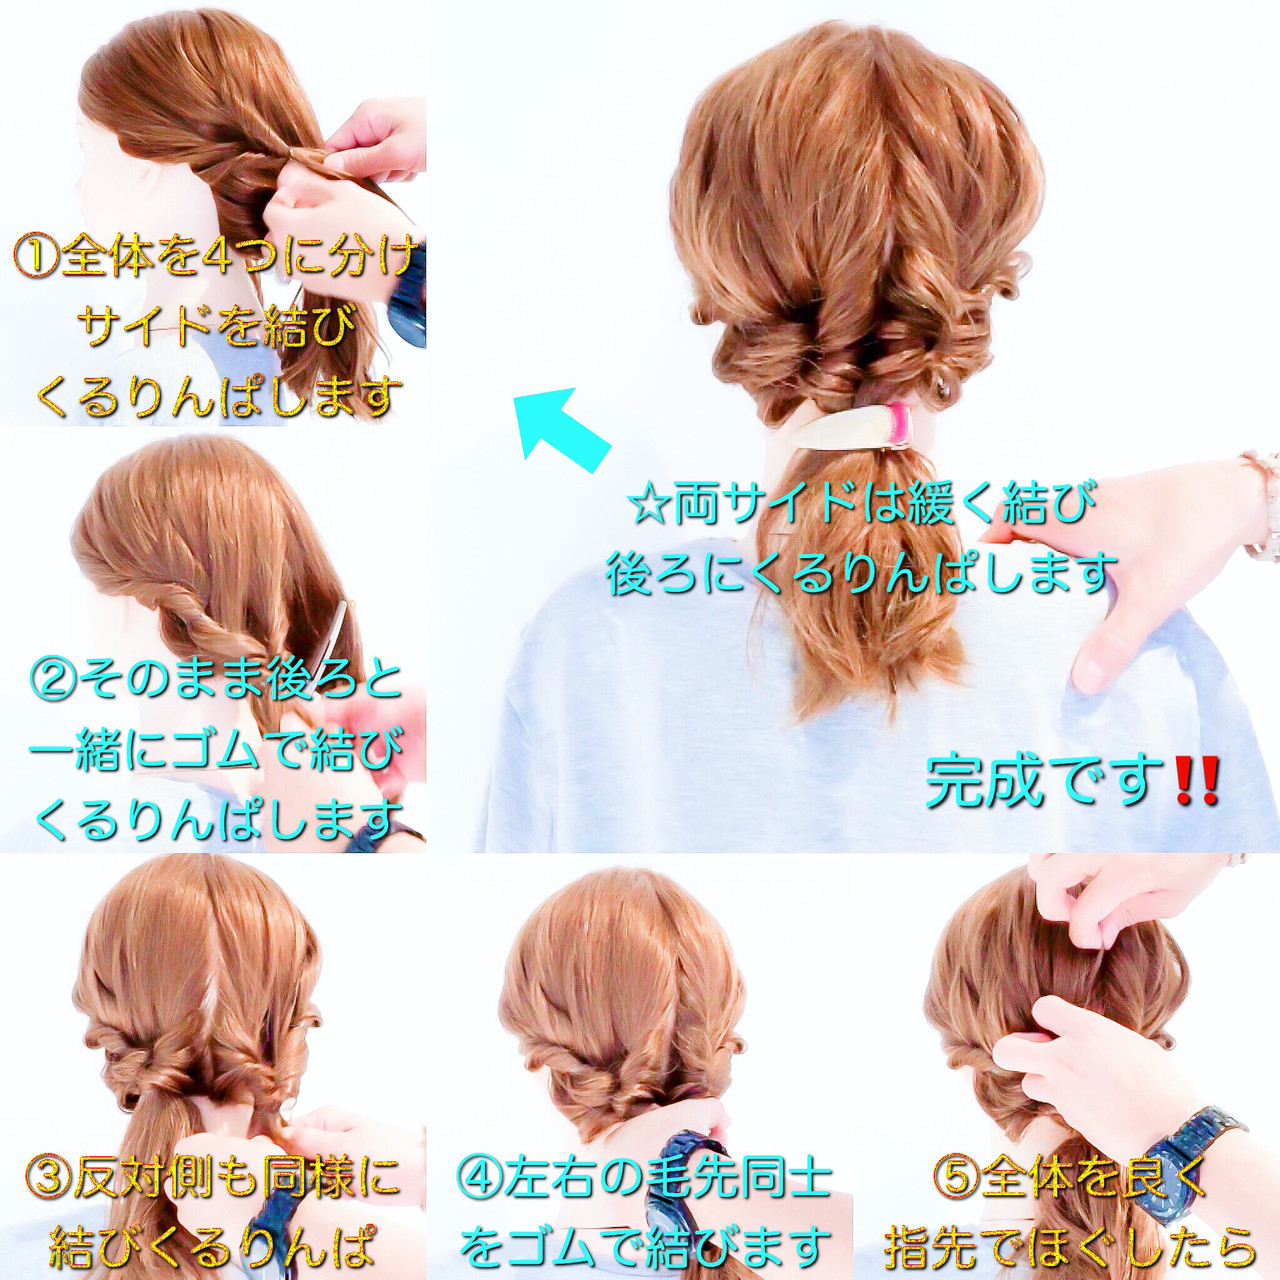 セミロング ヘアアレンジ くるりんぱ ダウンスタイル ヘアスタイルや髪型の写真・画像